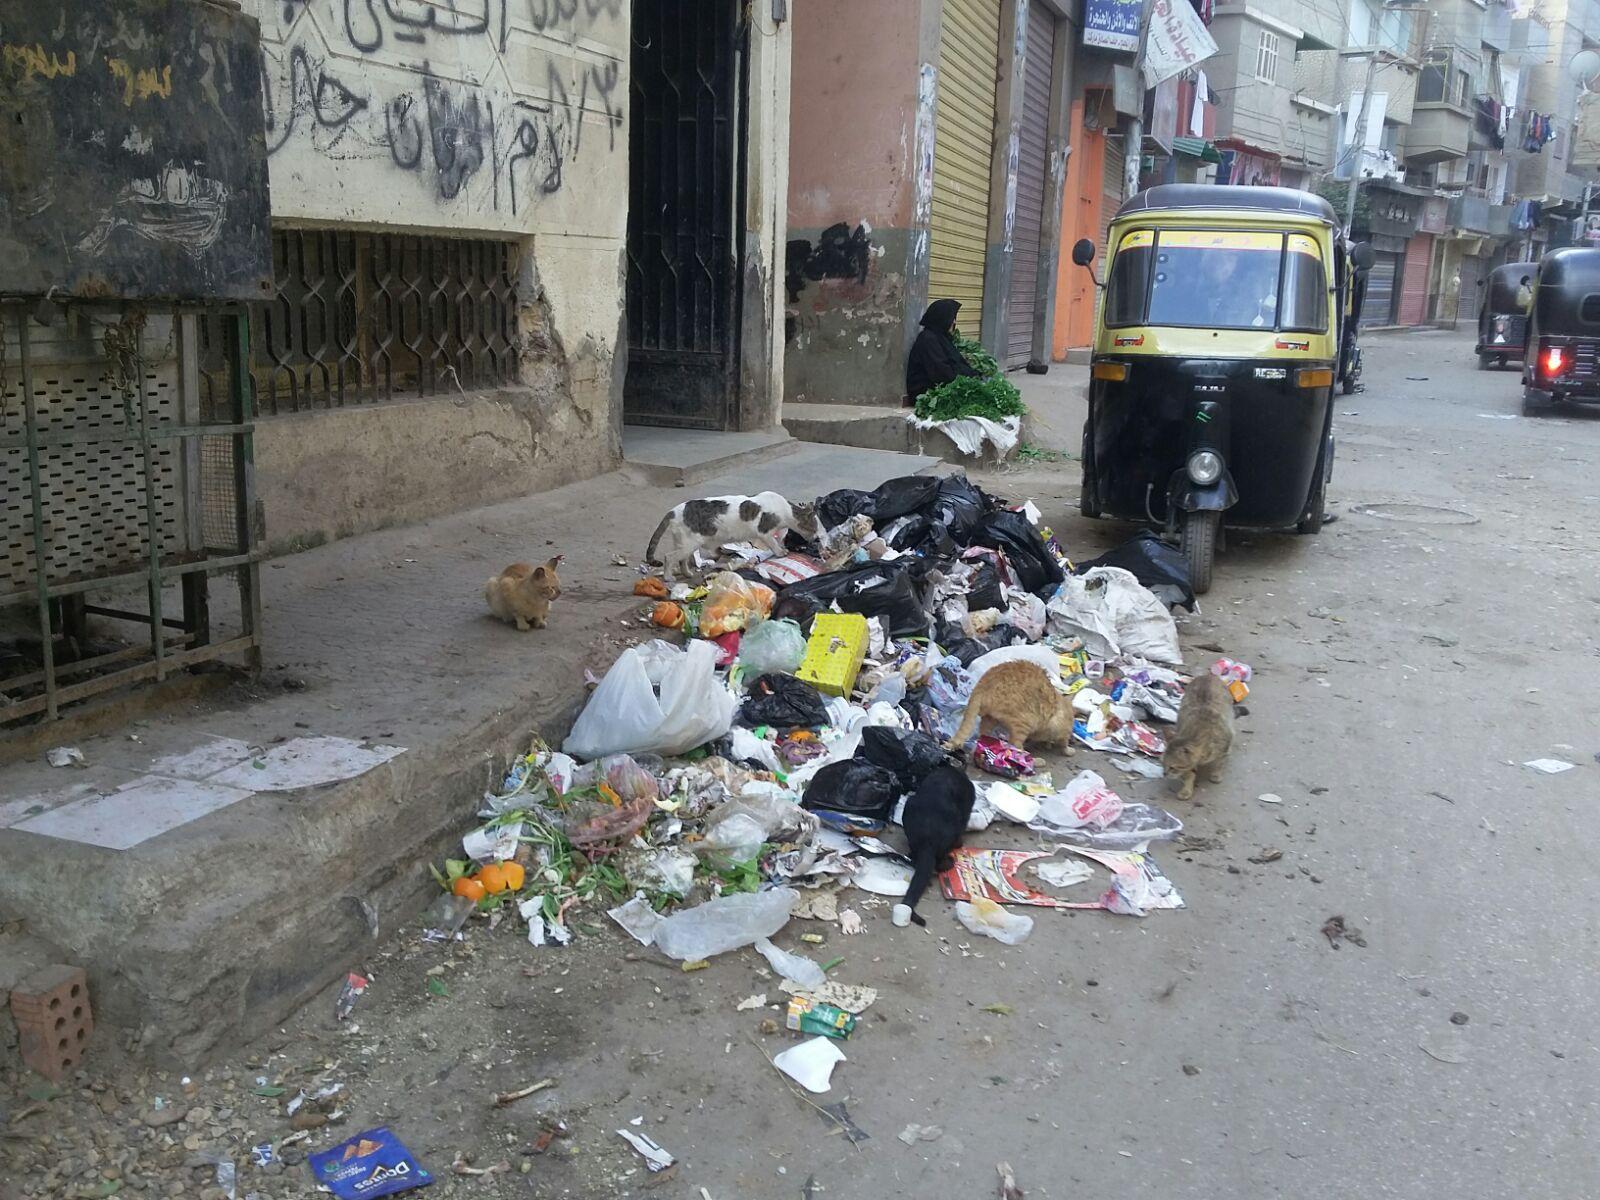 بالصور.. تجمعات للقمامة أمام مكتب صحة السنبلاوين بالدقهلية